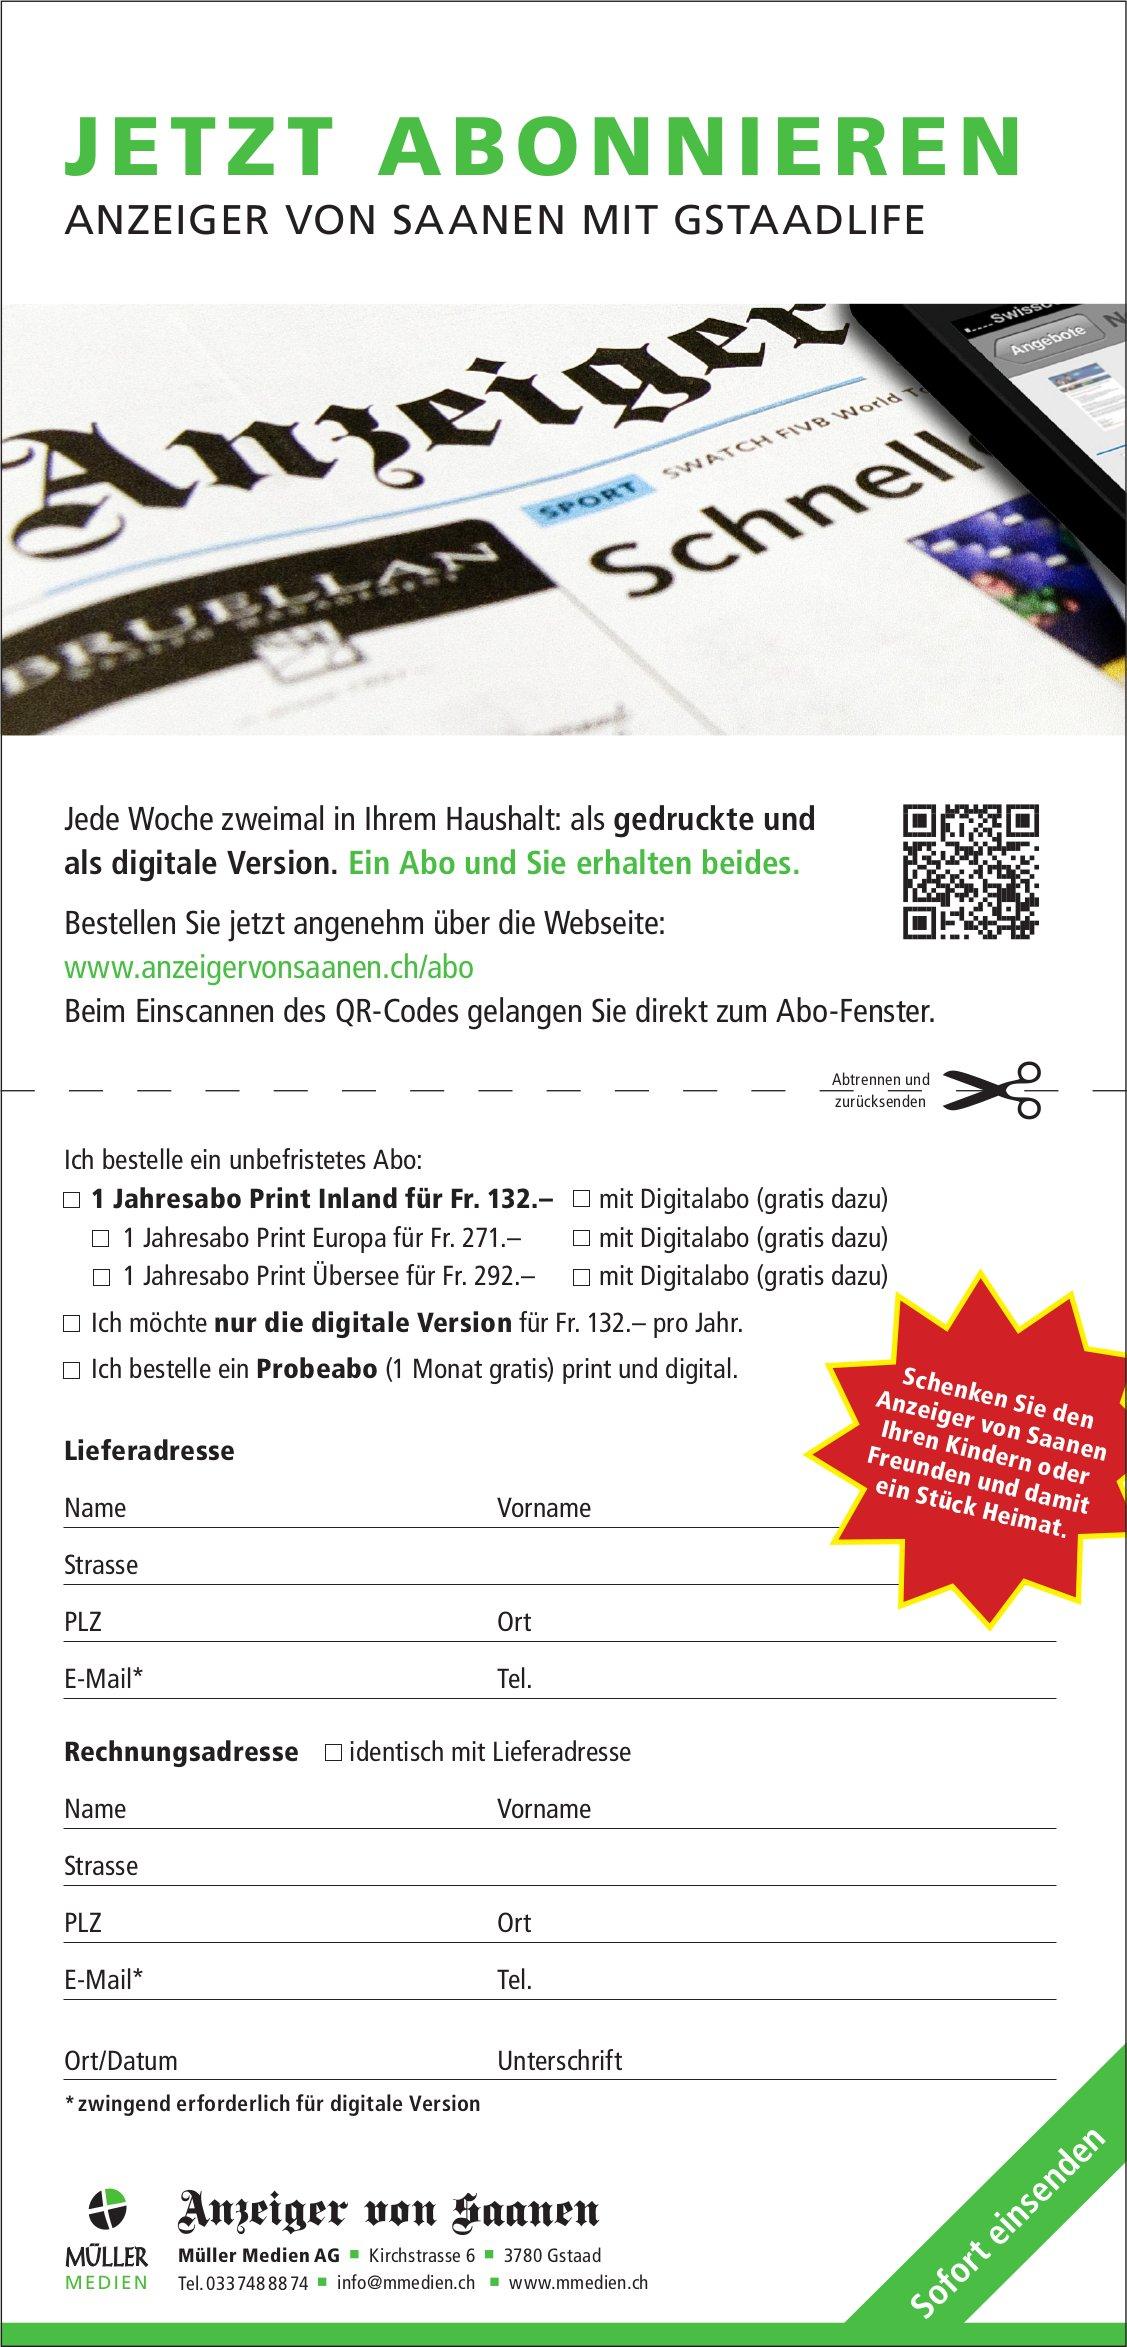 Anzeiger von Saanen mit Gstaadlife - Jetzt abonnieren